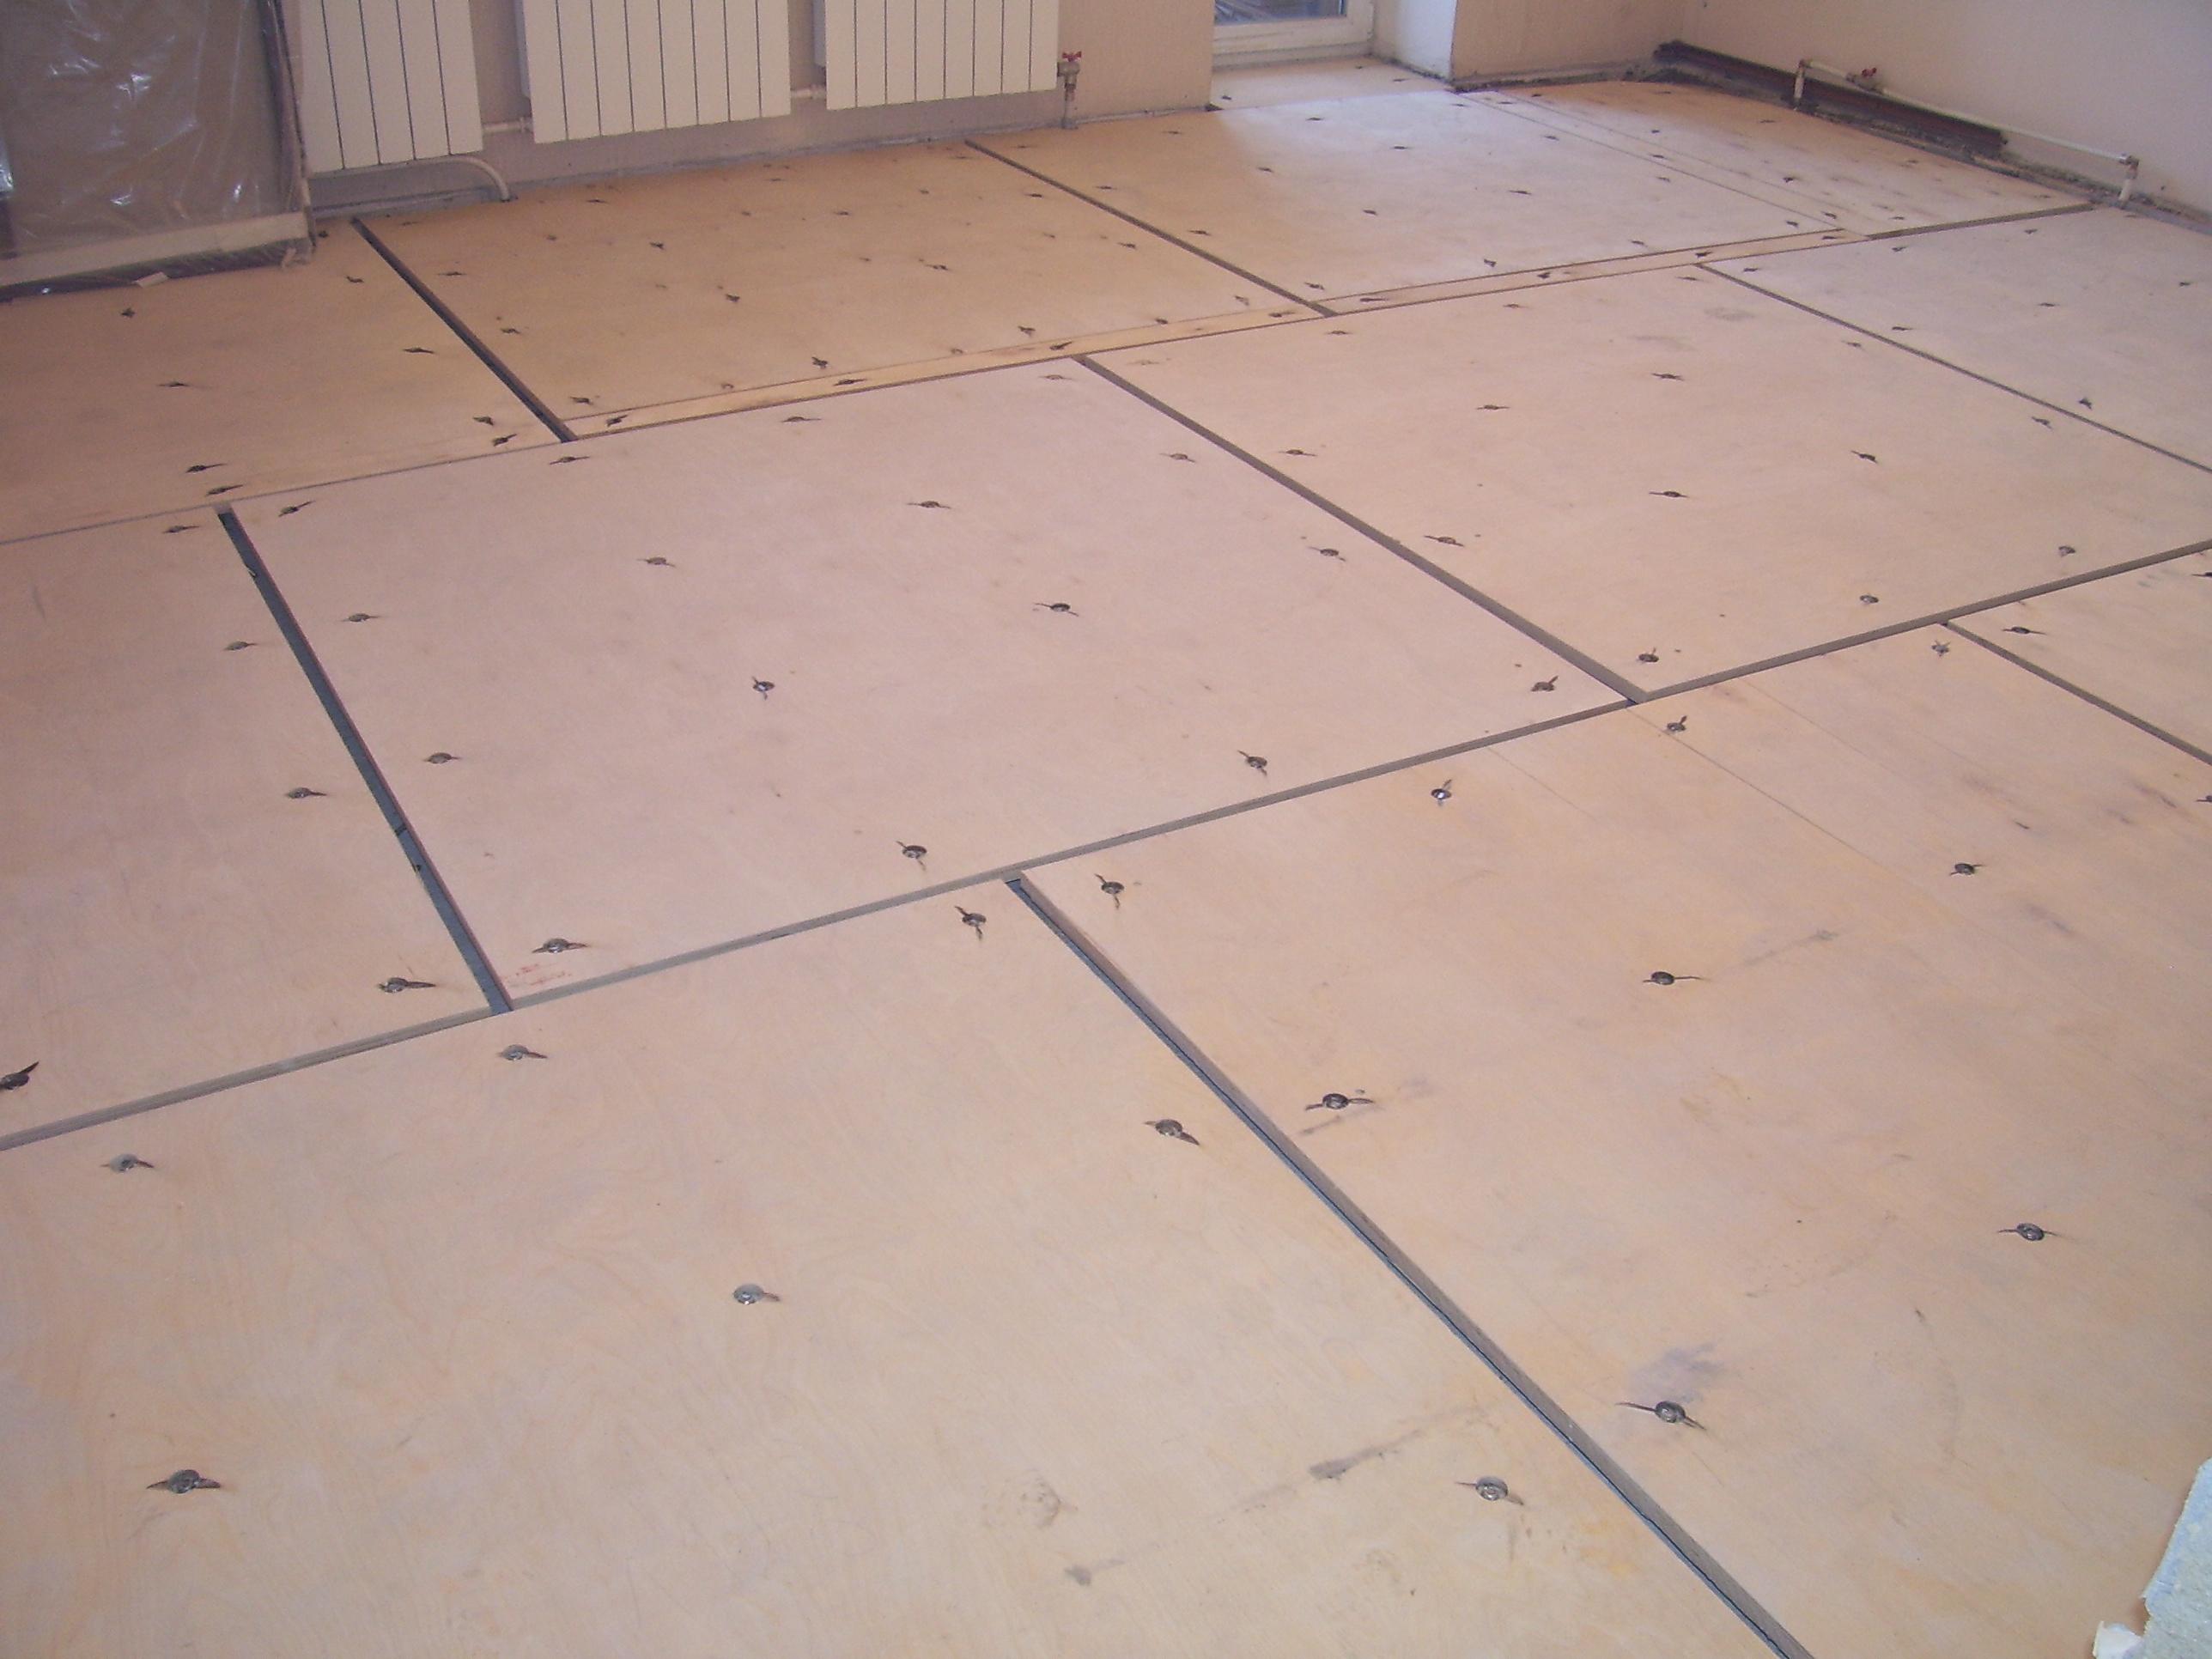 Фанера, уложенная на бетонный пол